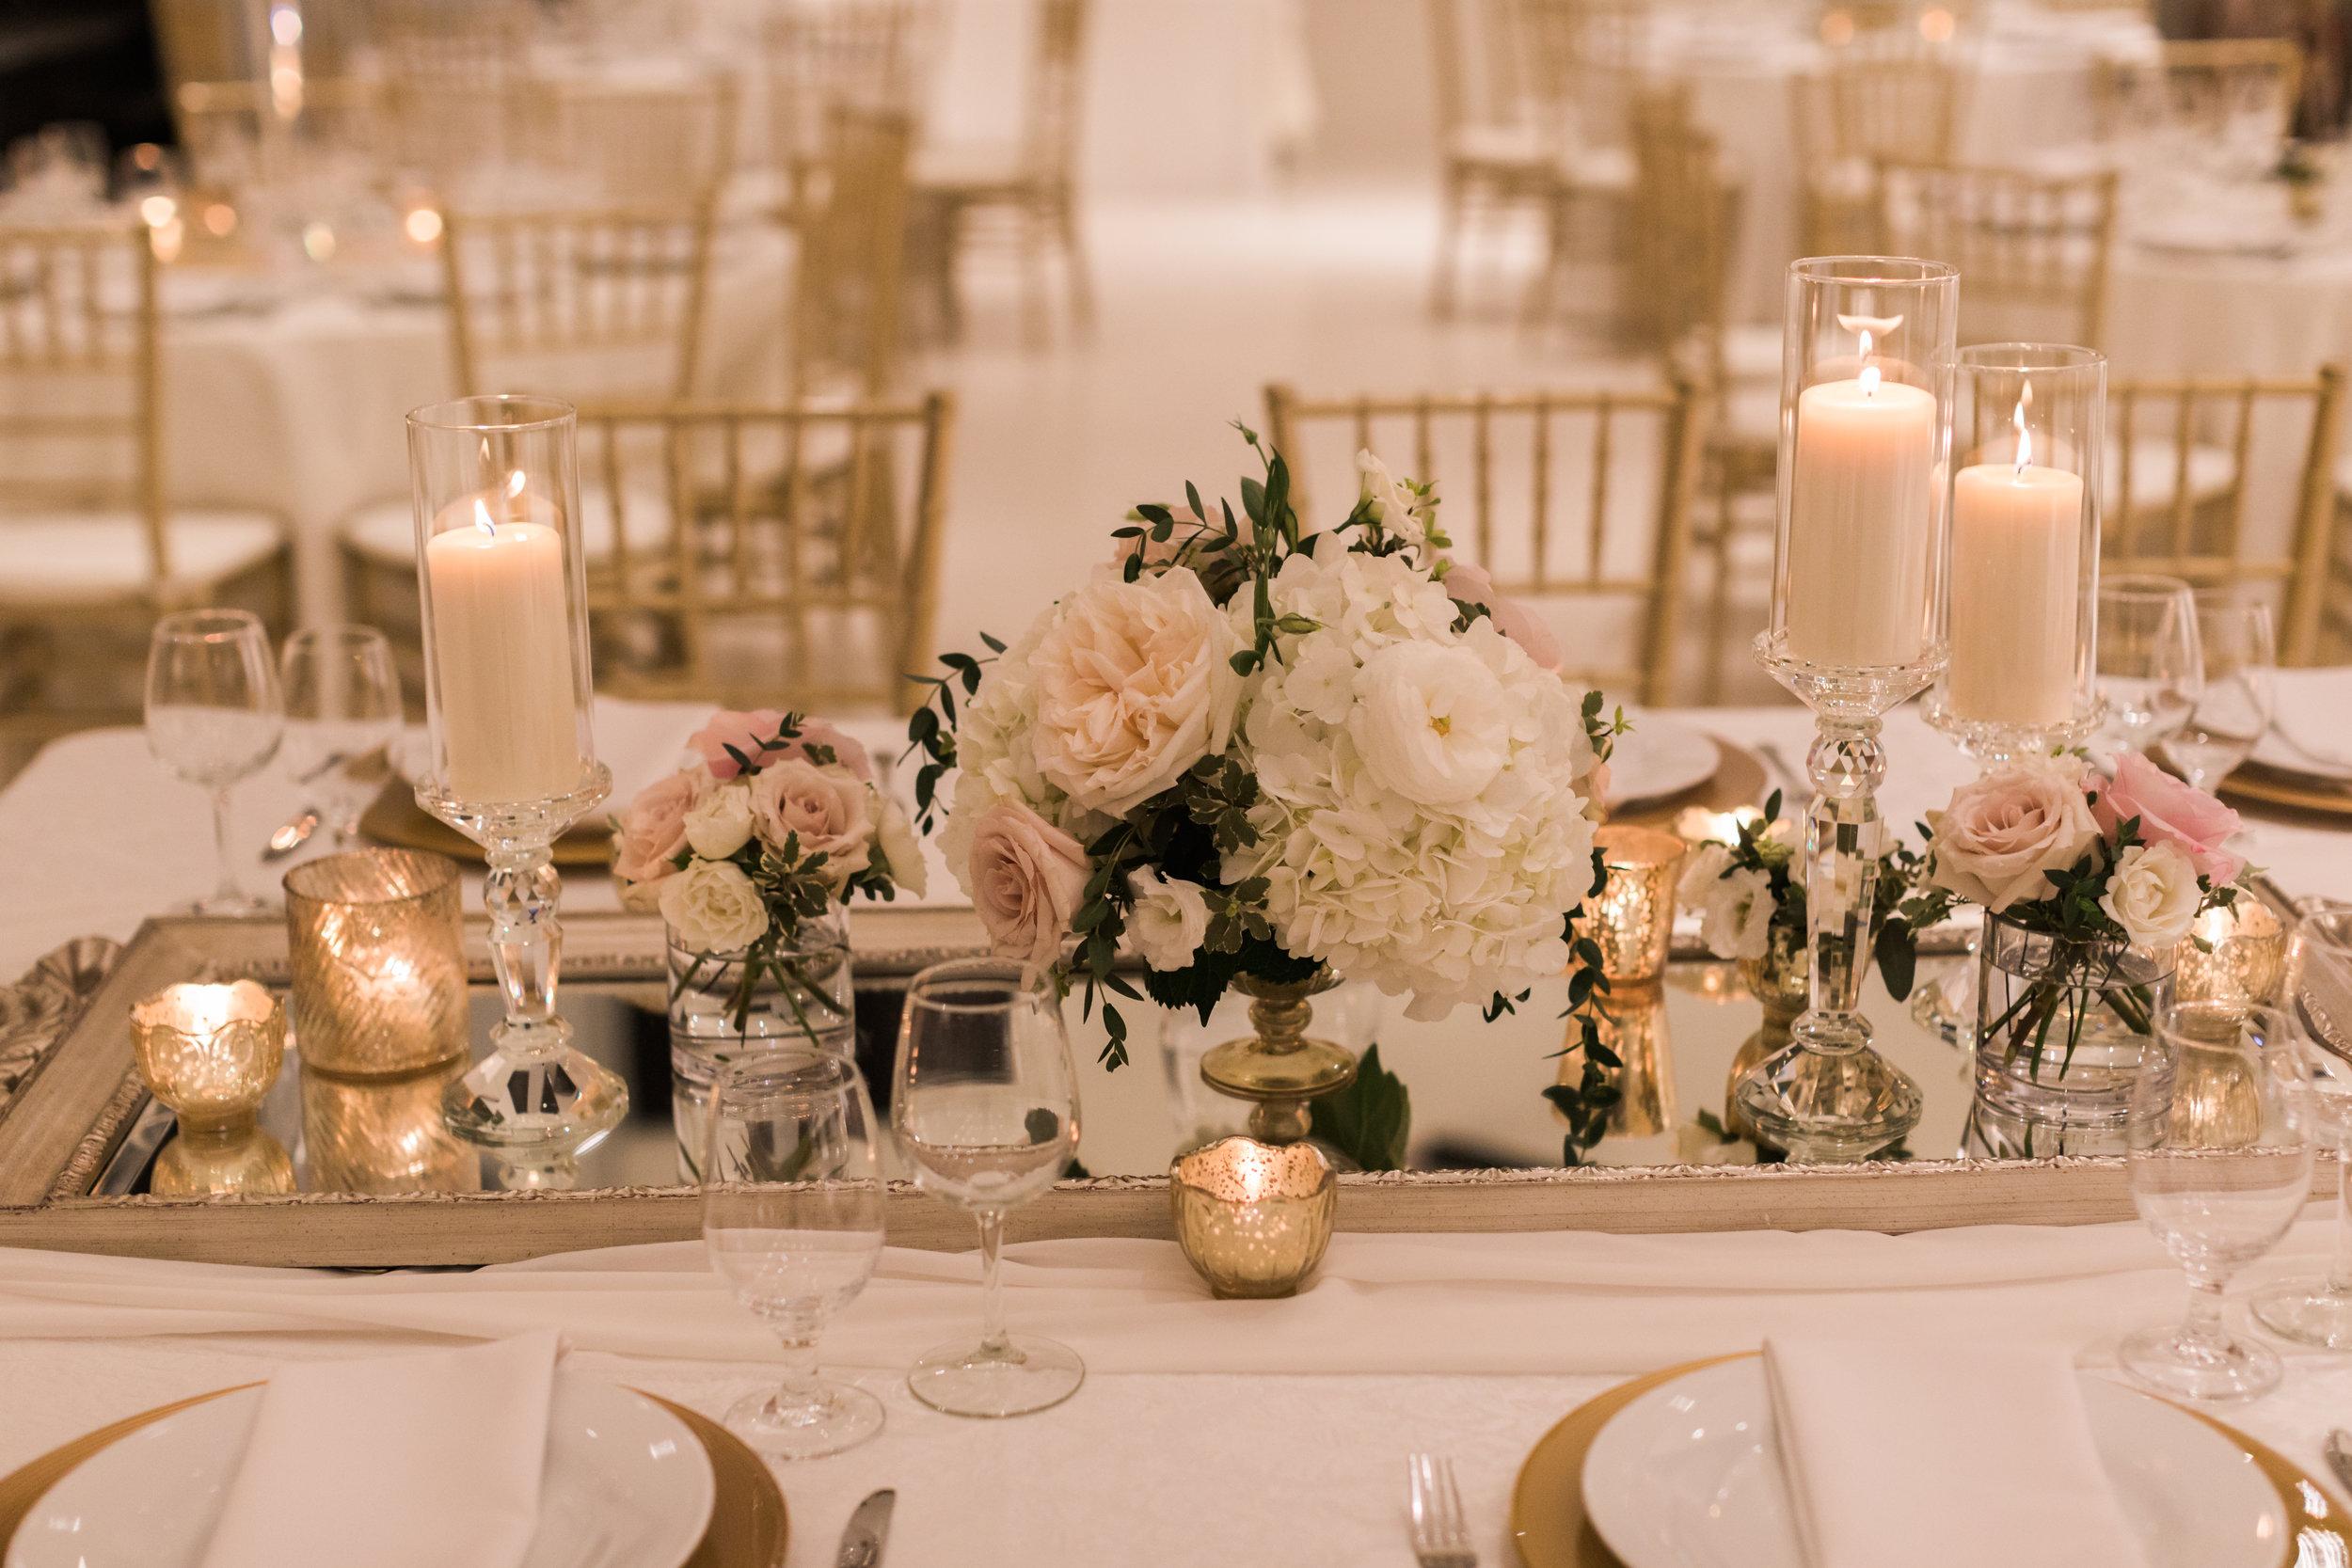 Pitt Meadows Wedding Photographer - Sky Hangar Wedding Photos - Vancouver Wedding Photographer & Videographer - Sunshine Coast Wedding Photos - Sunshine Coast Wedding Photographer - Jennifer Picard Photography - 1A5A2595.jpg